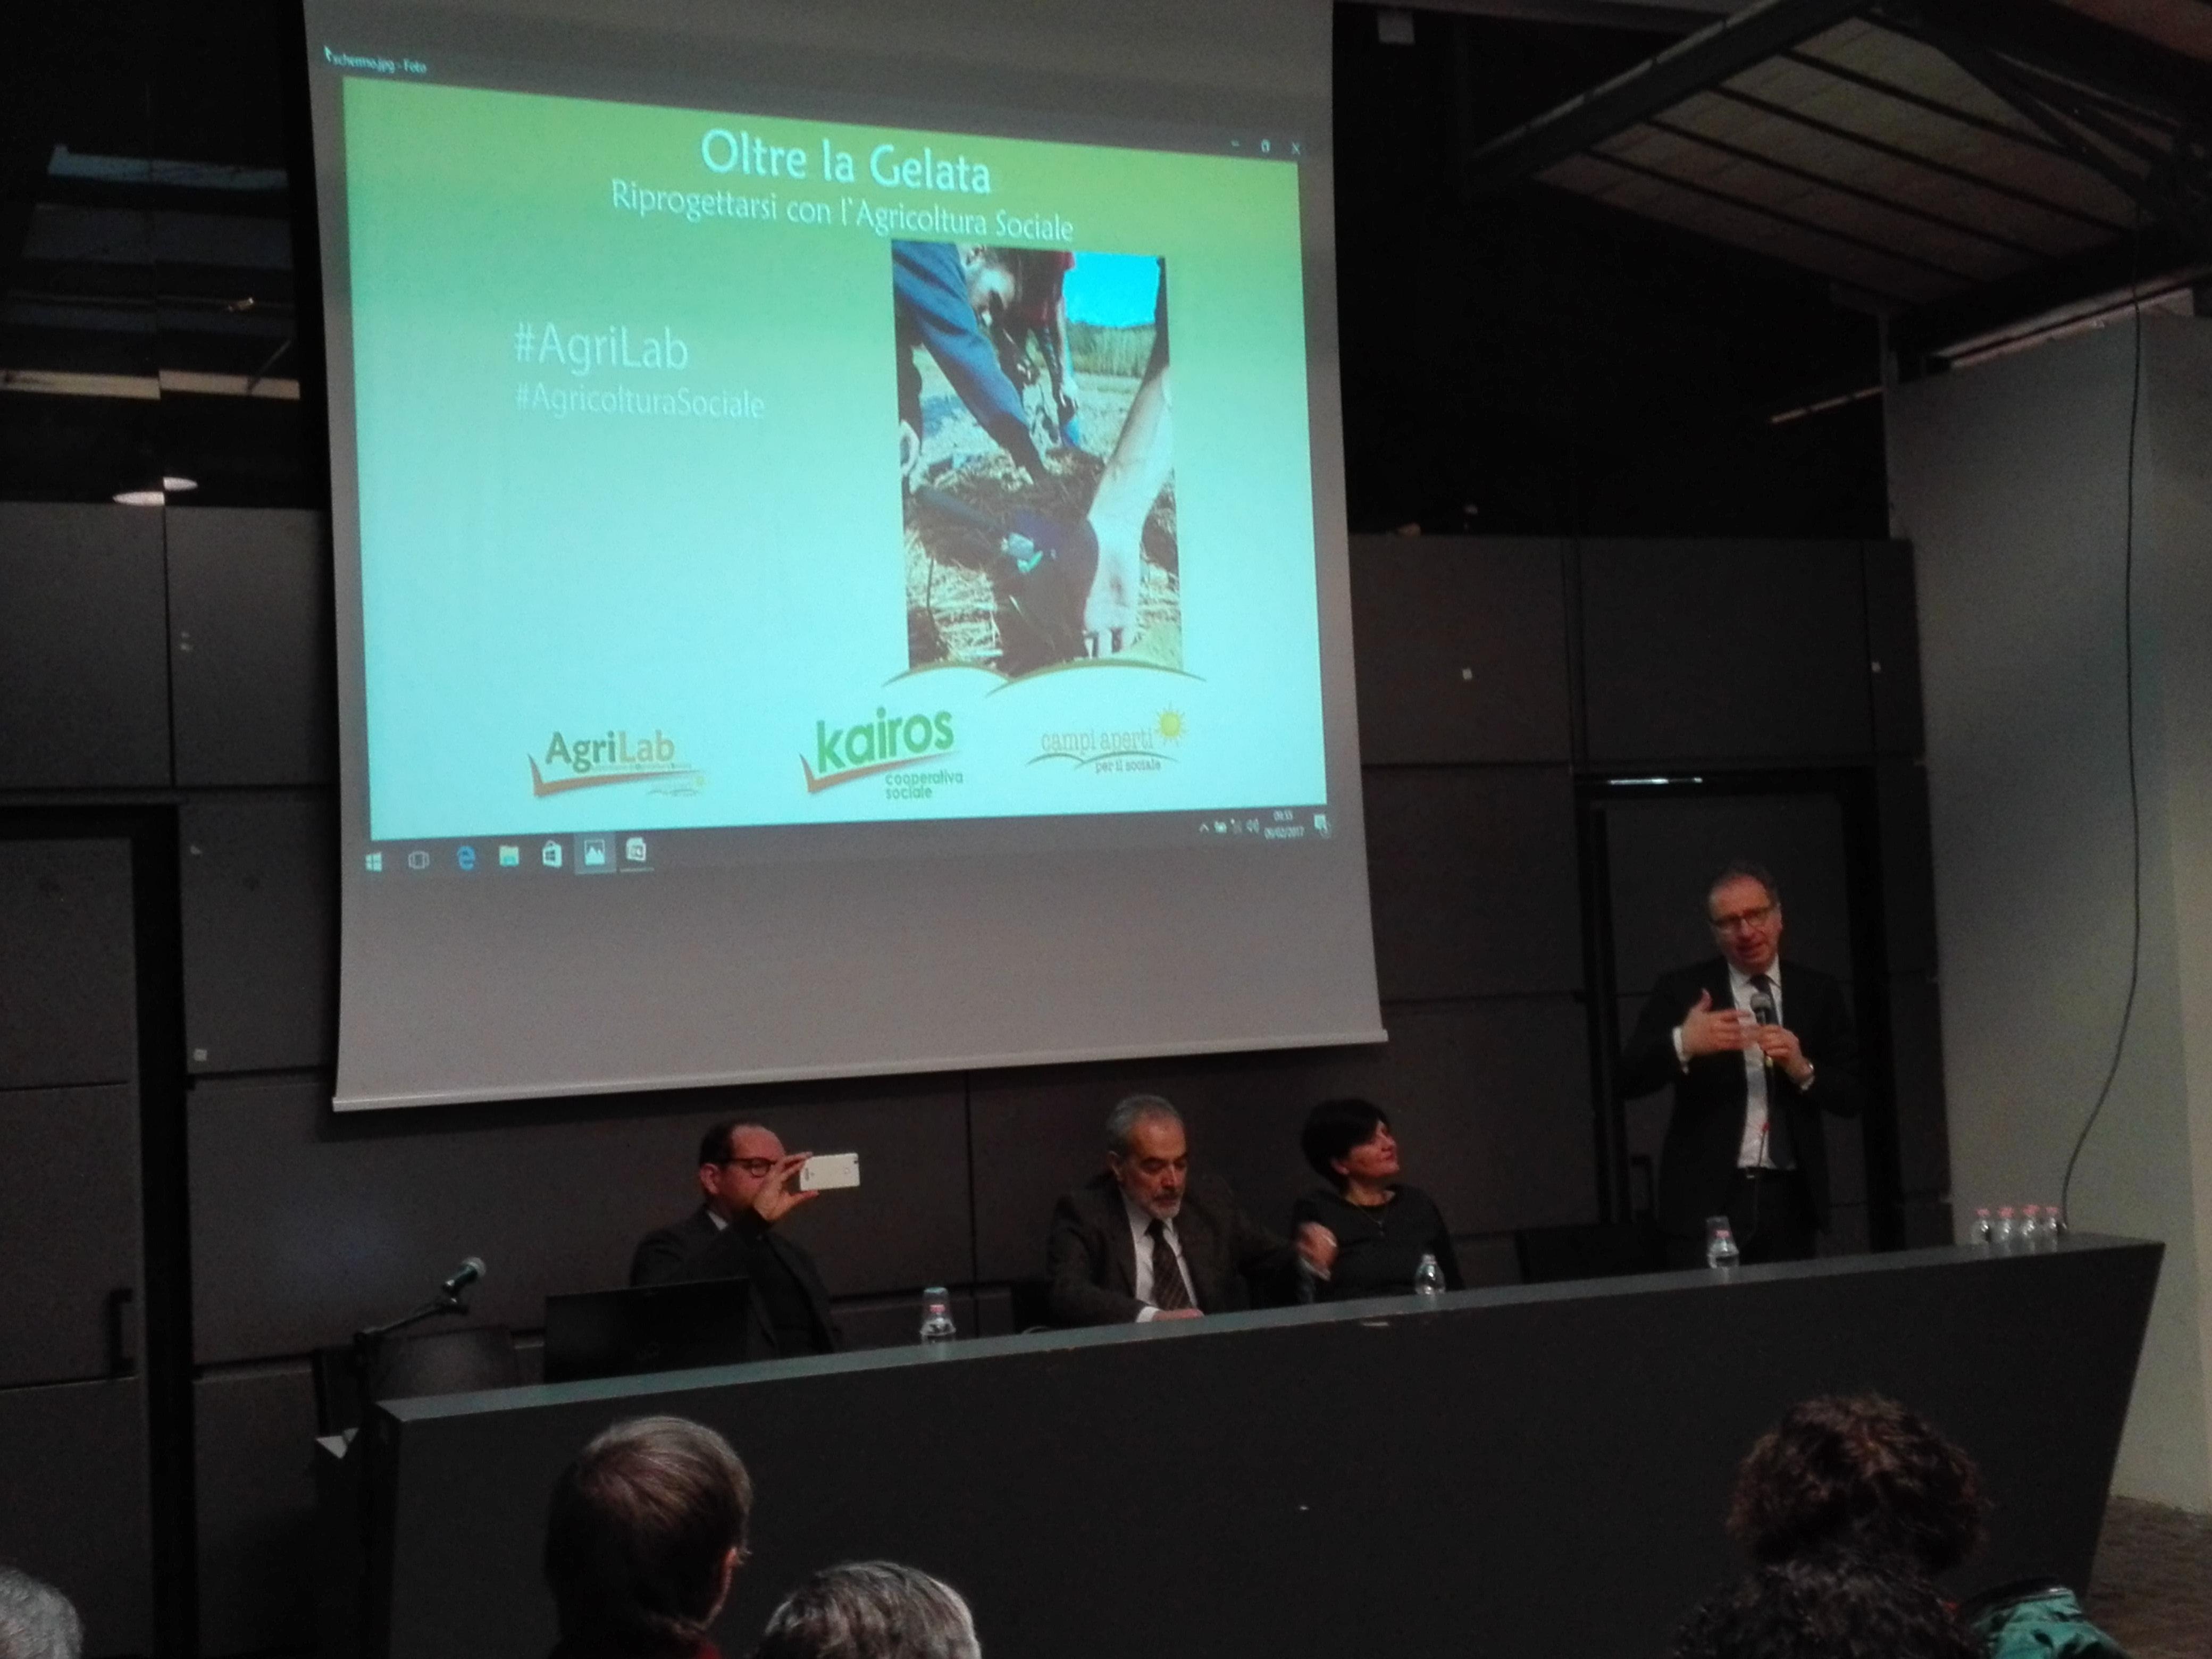 """L'on. Massimo Fiorio ha partecipato al seminario """"Oltre la Gelata. Riprogettarsi con l'Agricoltura Sociale"""" di Kairos"""